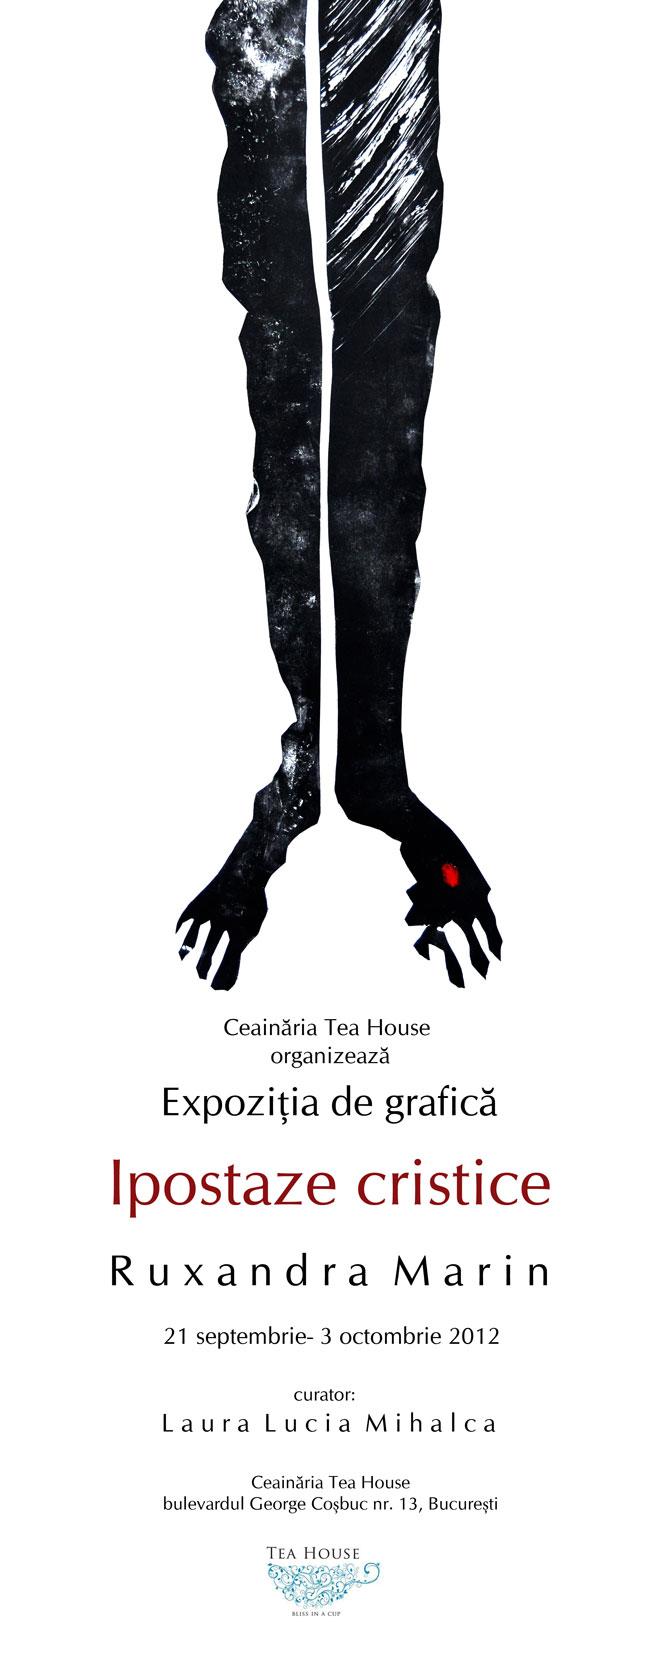 """Ruxandra Marin """"Ipostaze cristice"""" @ Ceainaria Tea House, București"""